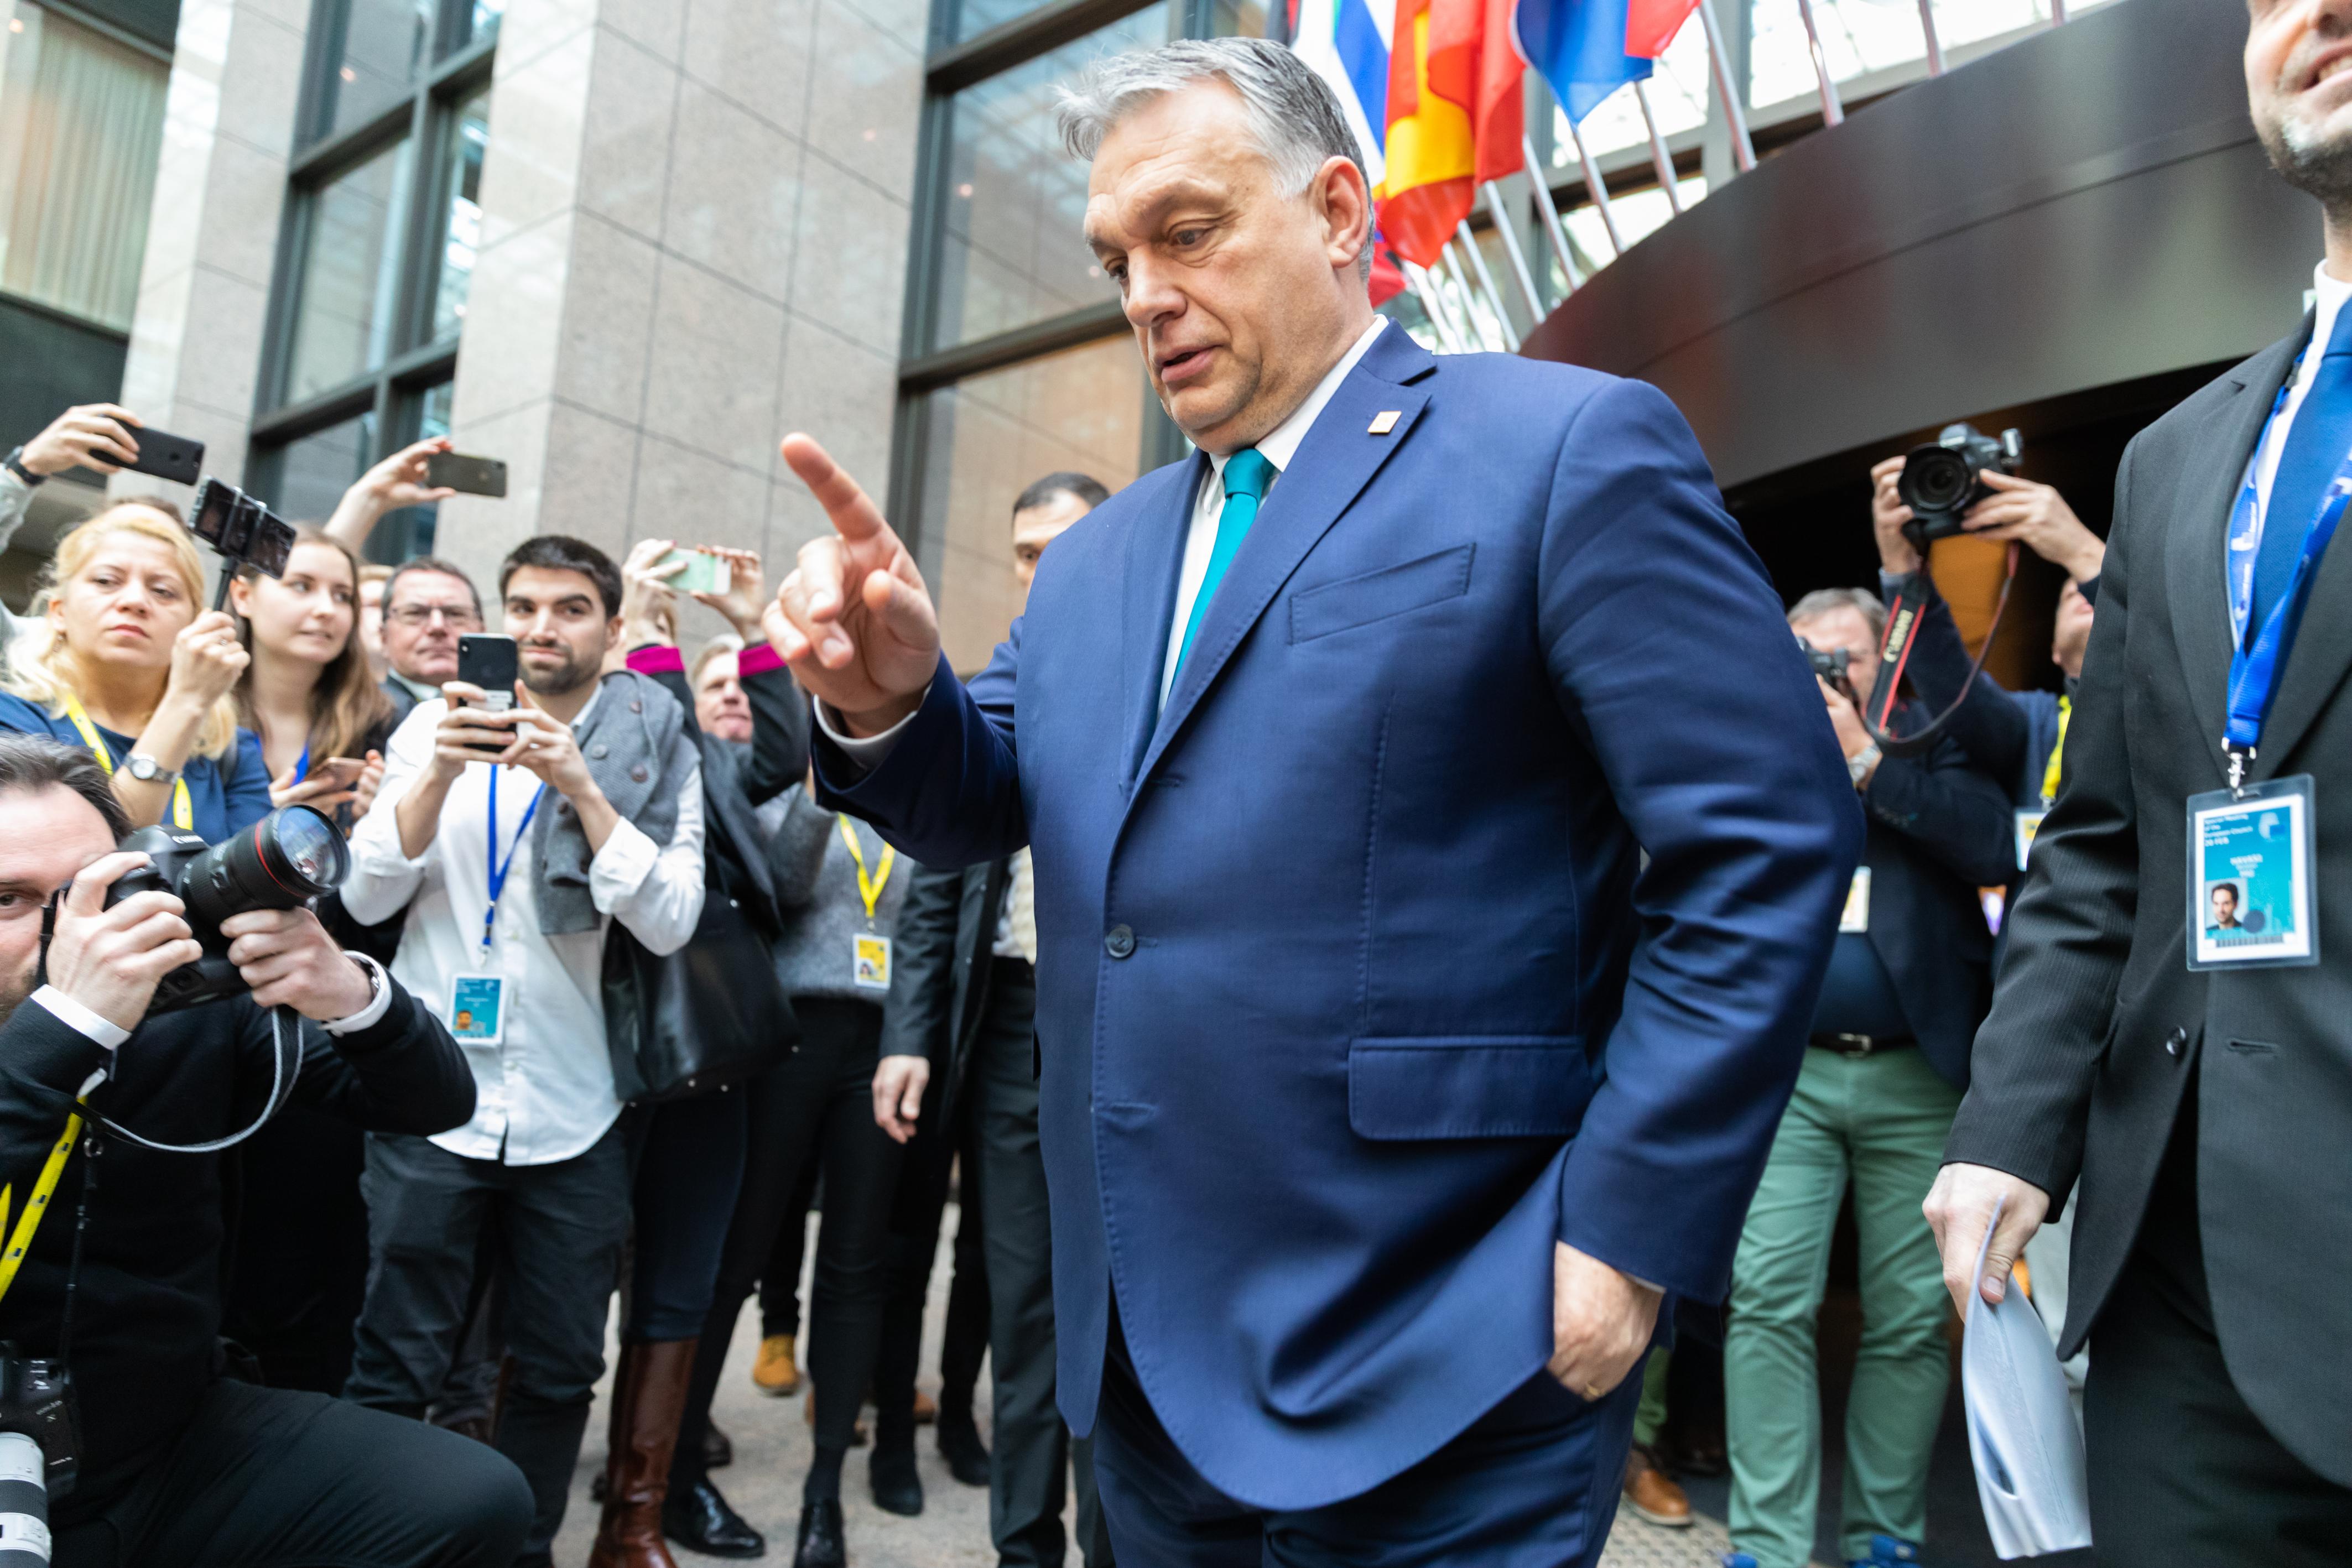 Trolldiplomácia a maximumon: A magyar kormány is csatlakozott a jogállamiságot védő európai nyilatkozathoz